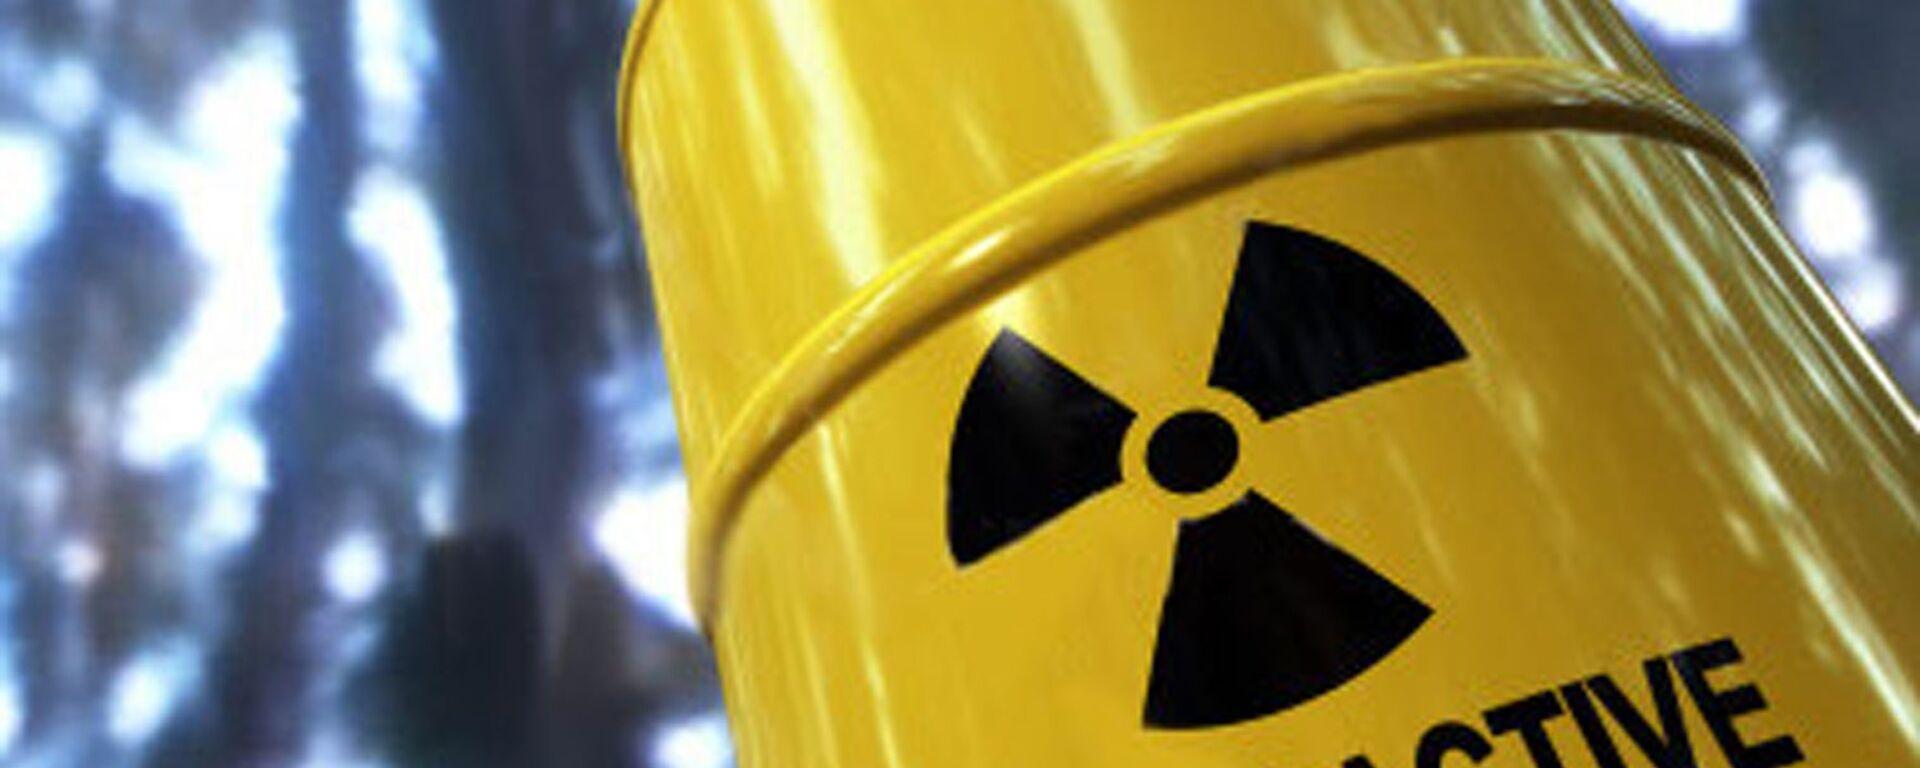 Scoria radioattiva - Sputnik Italia, 1920, 17.05.2021